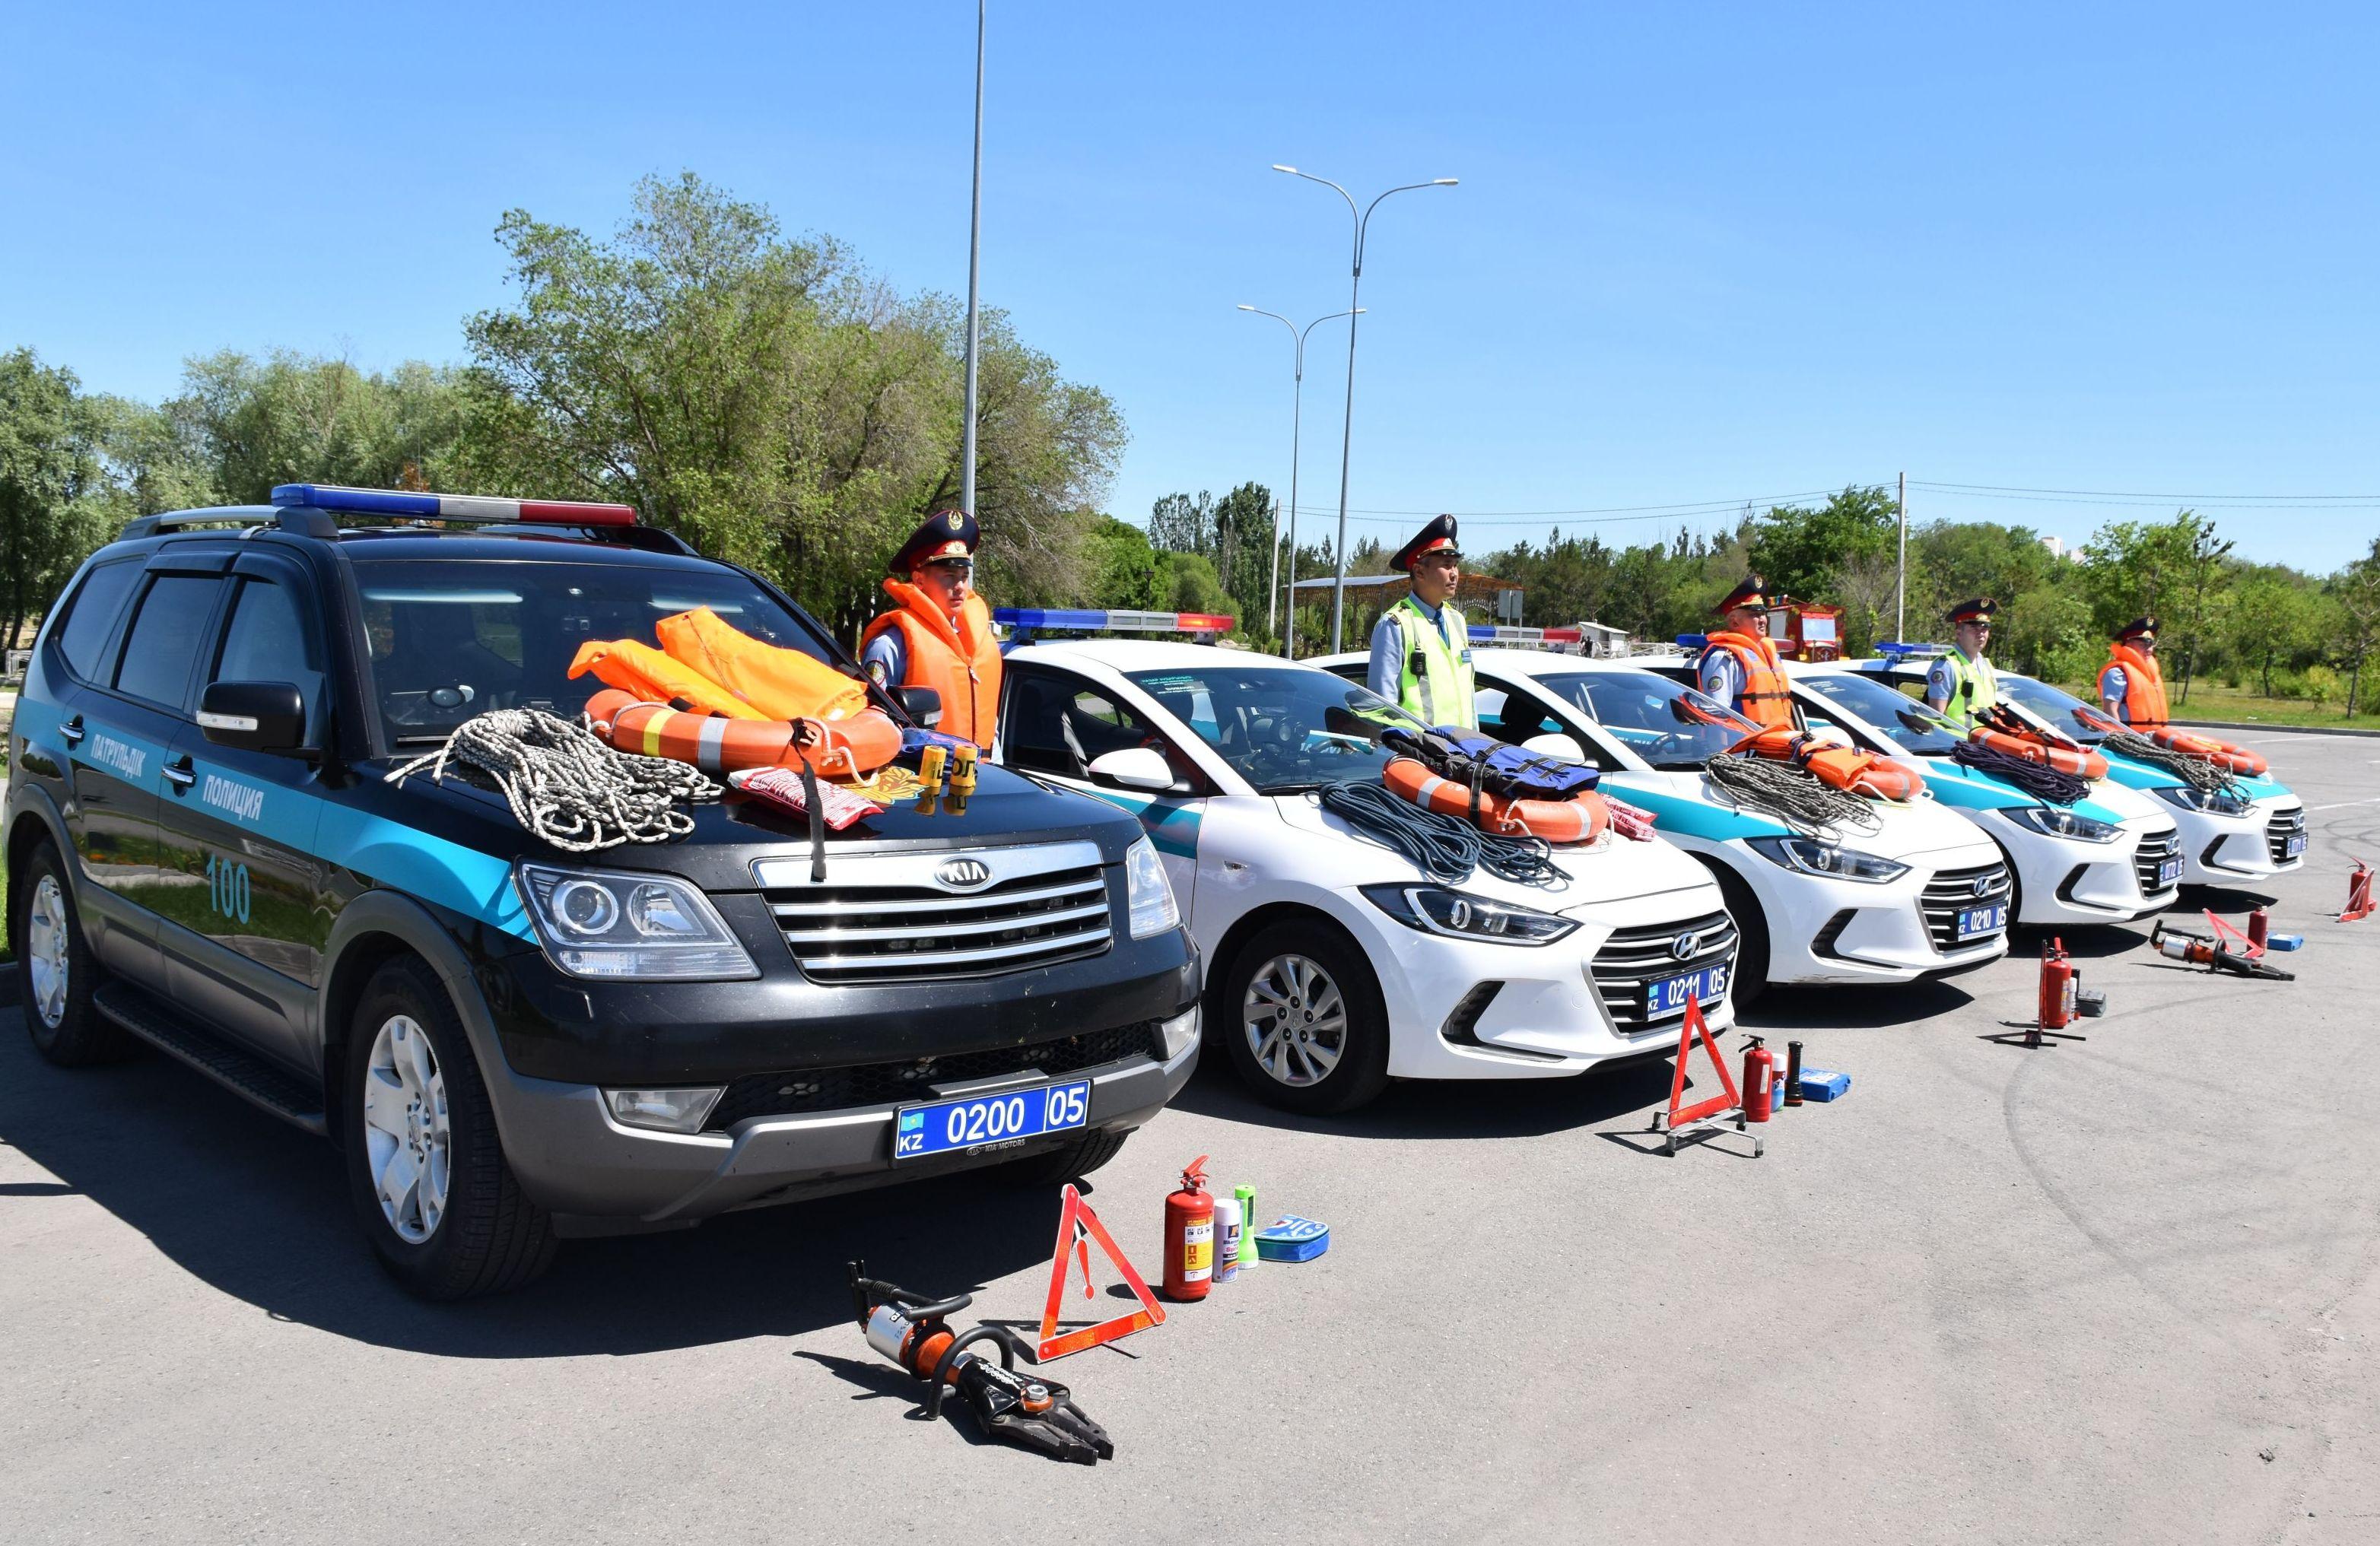 Полицейские автопатрули Алматинской области укомплектовали спасательными жилетами, альпинистской веревкой, противопожарной защитой